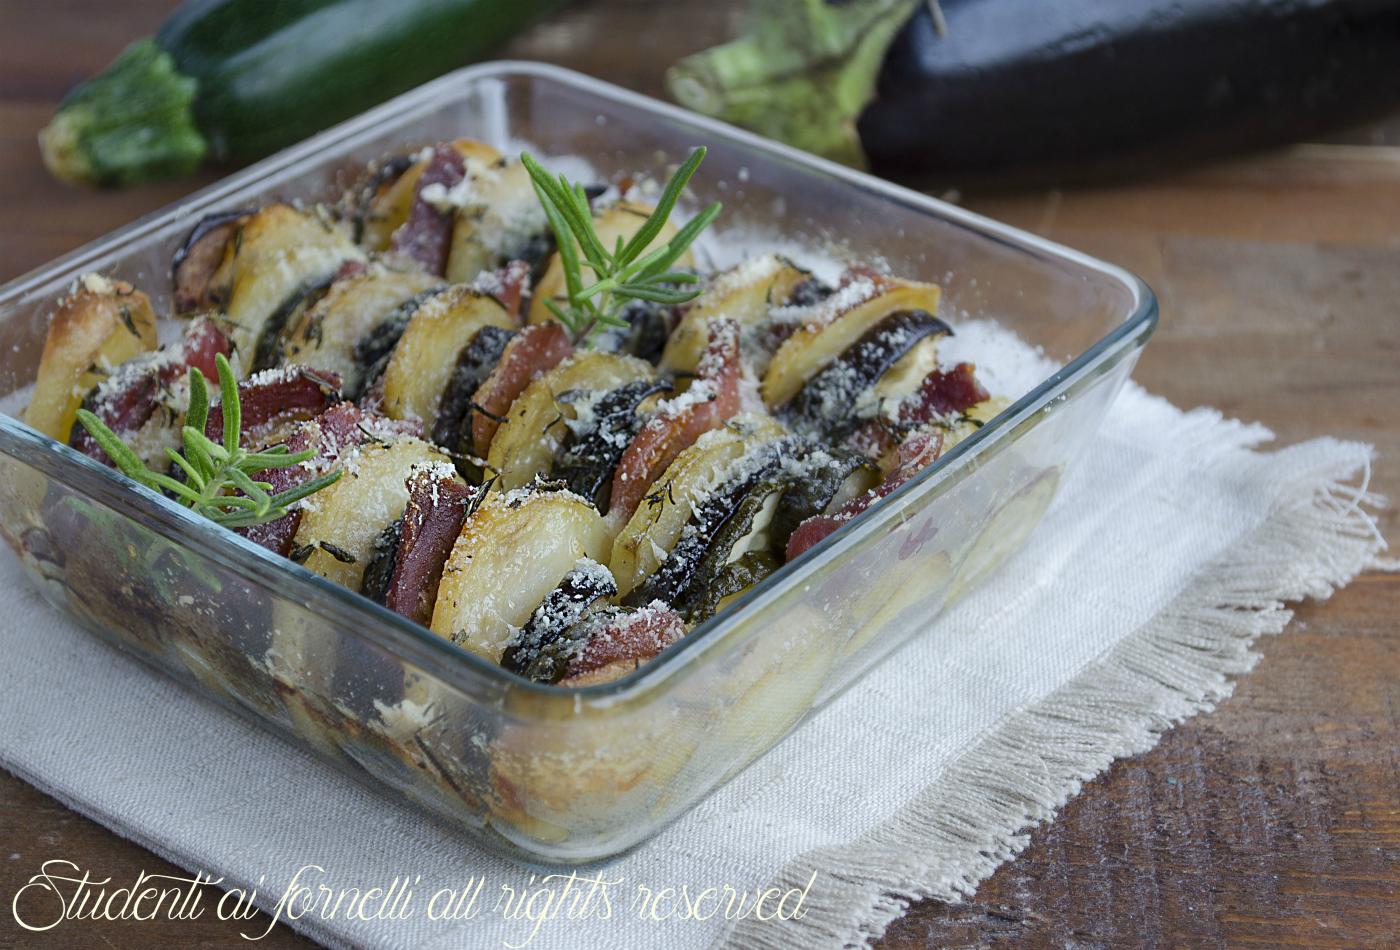 ricetta verdure al parmigiano e prosciutto al forno ricetta melanzane zucchine patate prosciutto